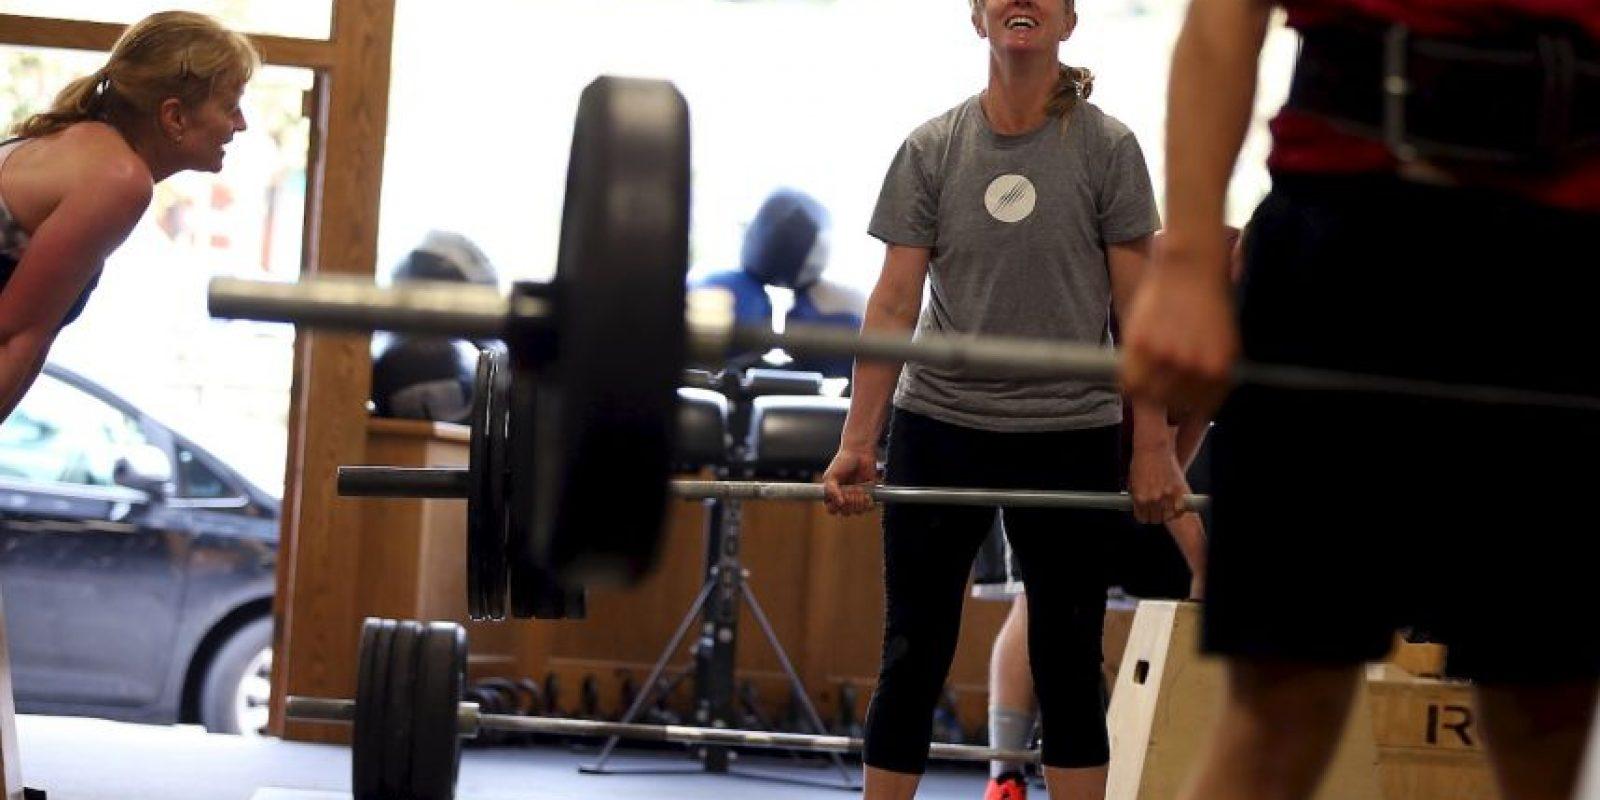 3. Realizar ejercicio en exceso Foto:Getty Images